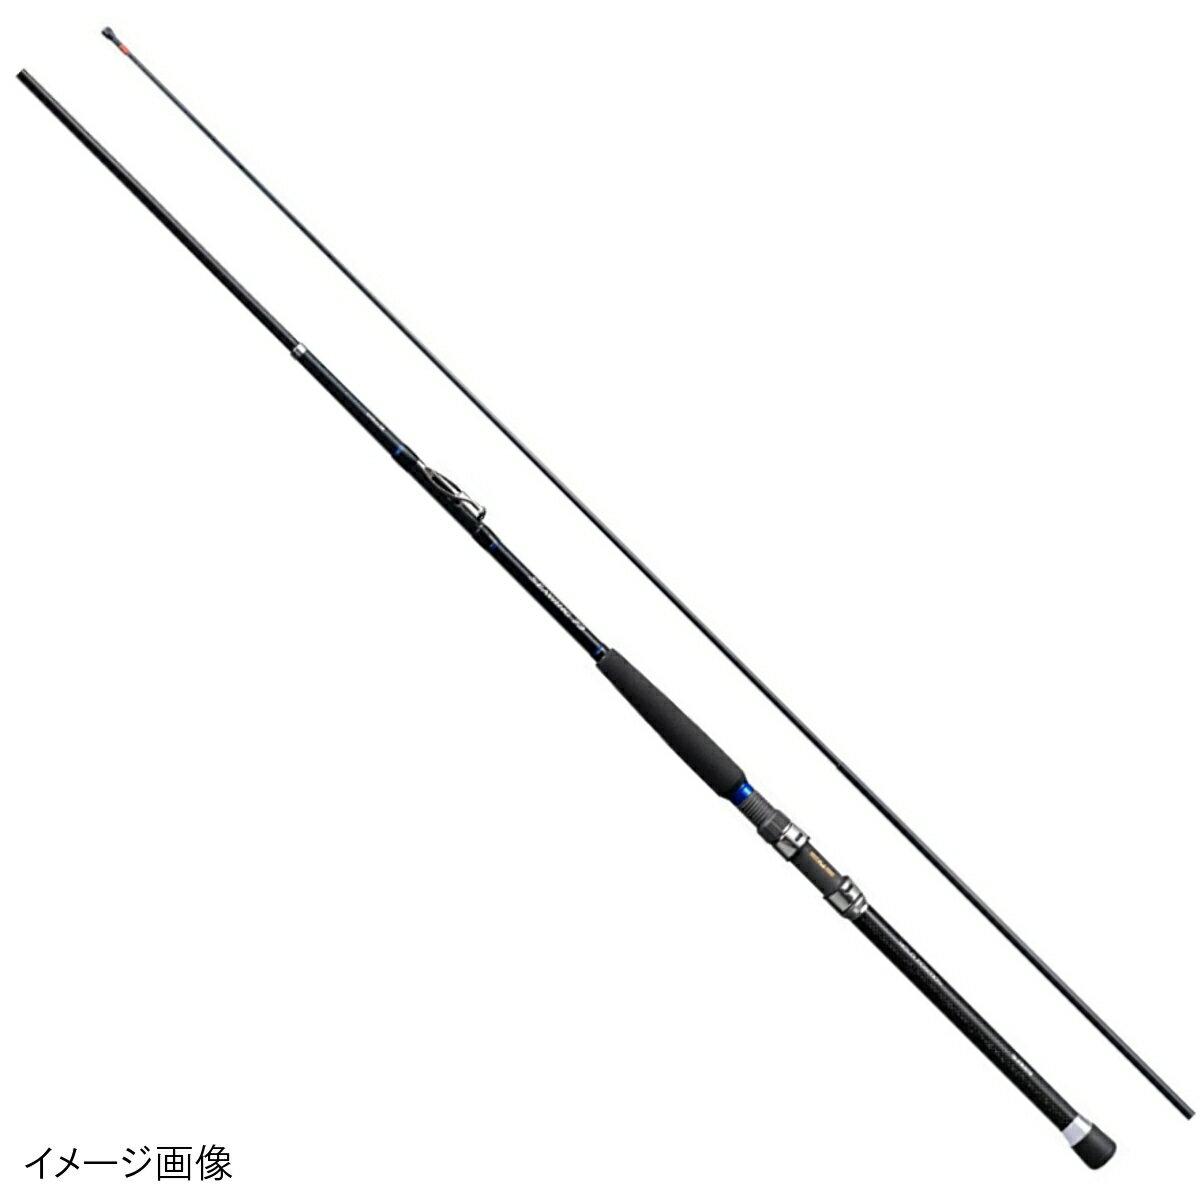 シマノ シーウイング73 50-300T【送料無料】